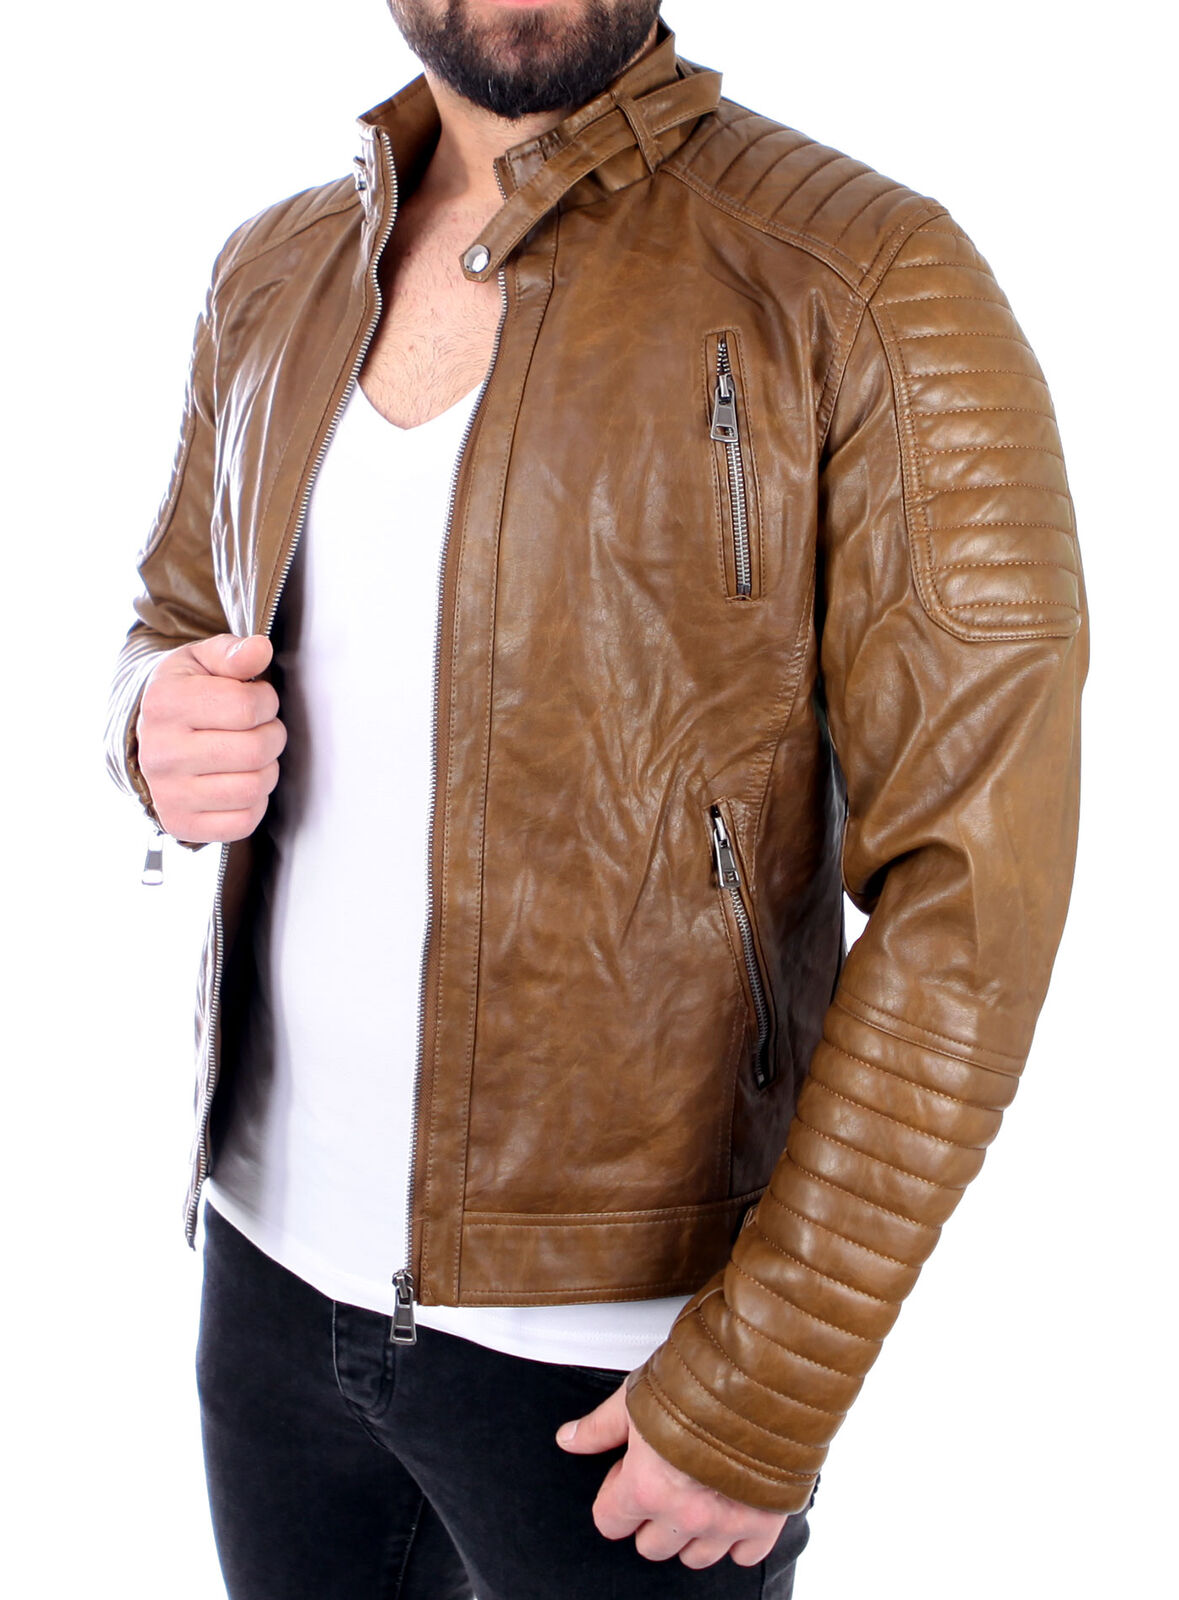 Absolut Joy jasje cod. Heren Zwart Lange mouw Herfst-Winter cod. jasje 107292 BE e7abdc